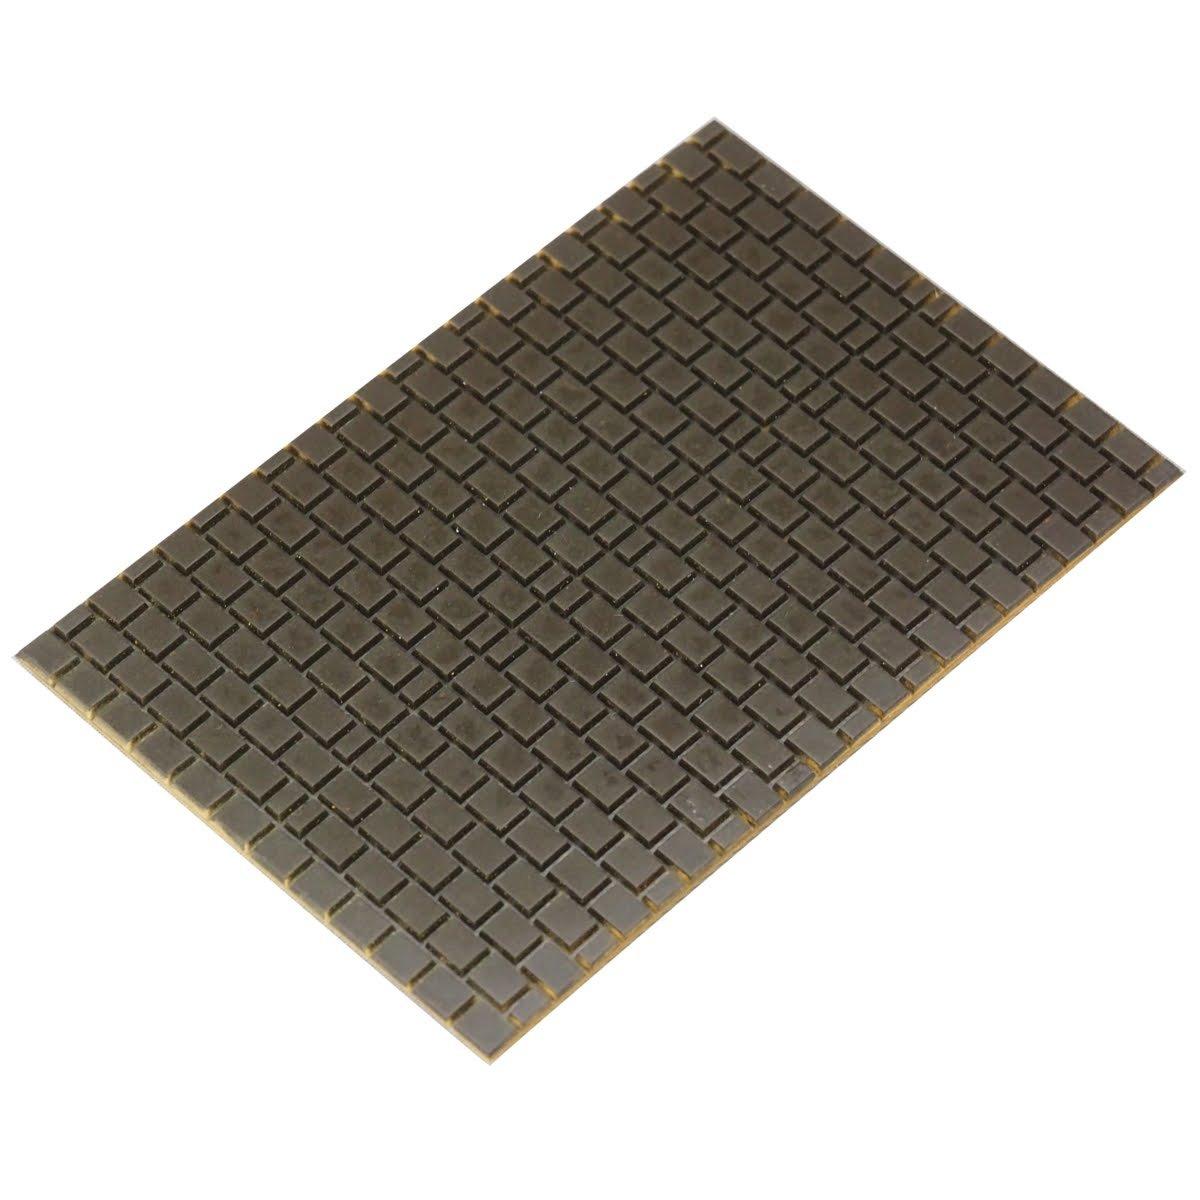 三和研磨工業 ダイヤセラミカシート 120×80mm オービタルサンダー/ミニサンダー用 御影石用 研磨砥石 ダイヤペーパー (#0300R) B007MVRM3I #0300R